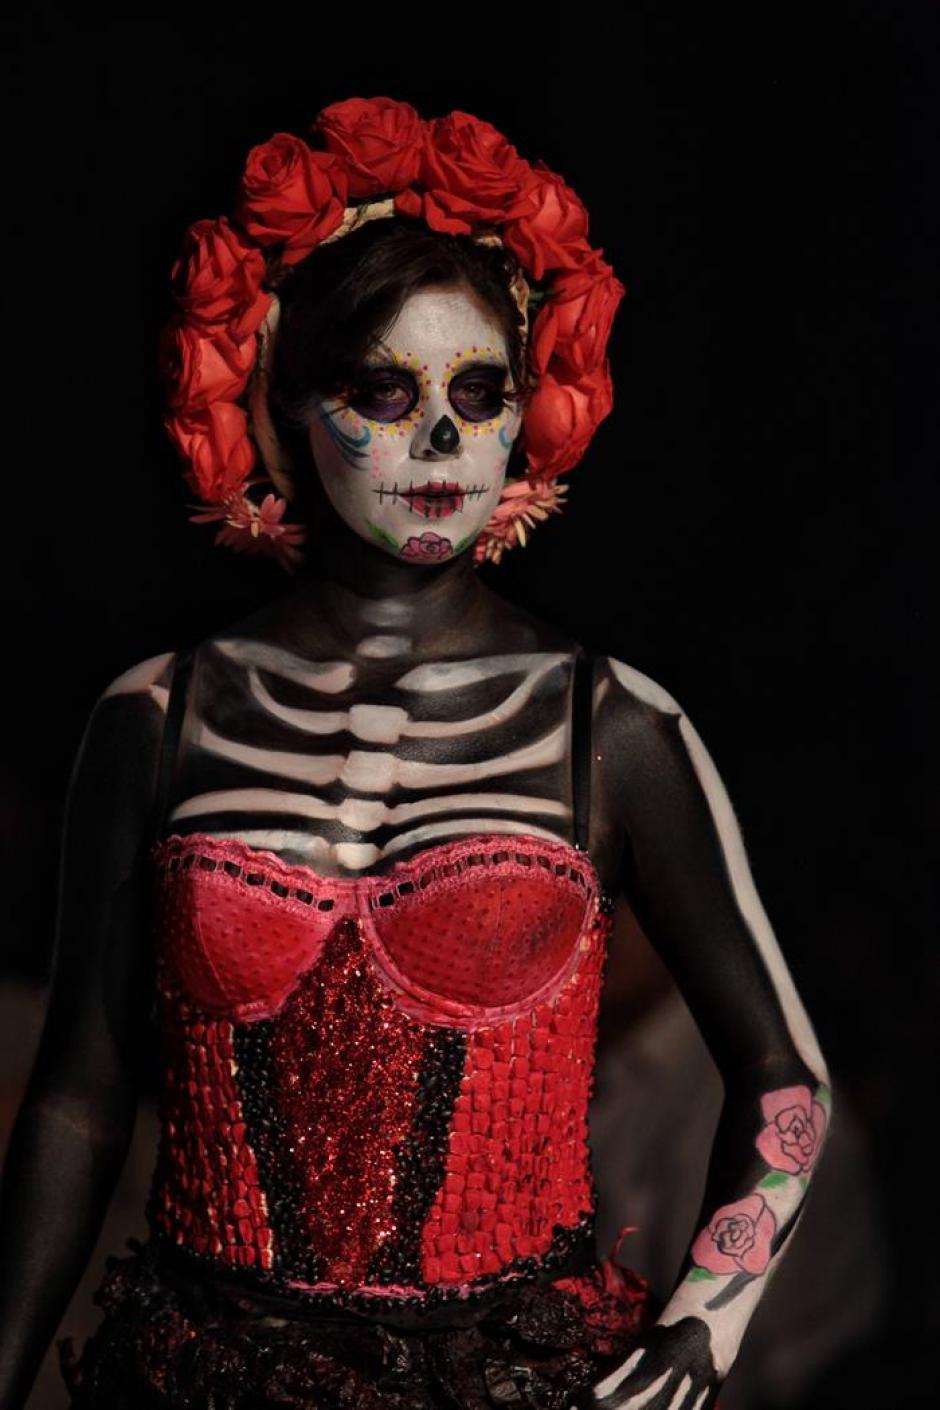 El desfile de modas se inspiró en fiestas internacionales. (Foto: EFE)